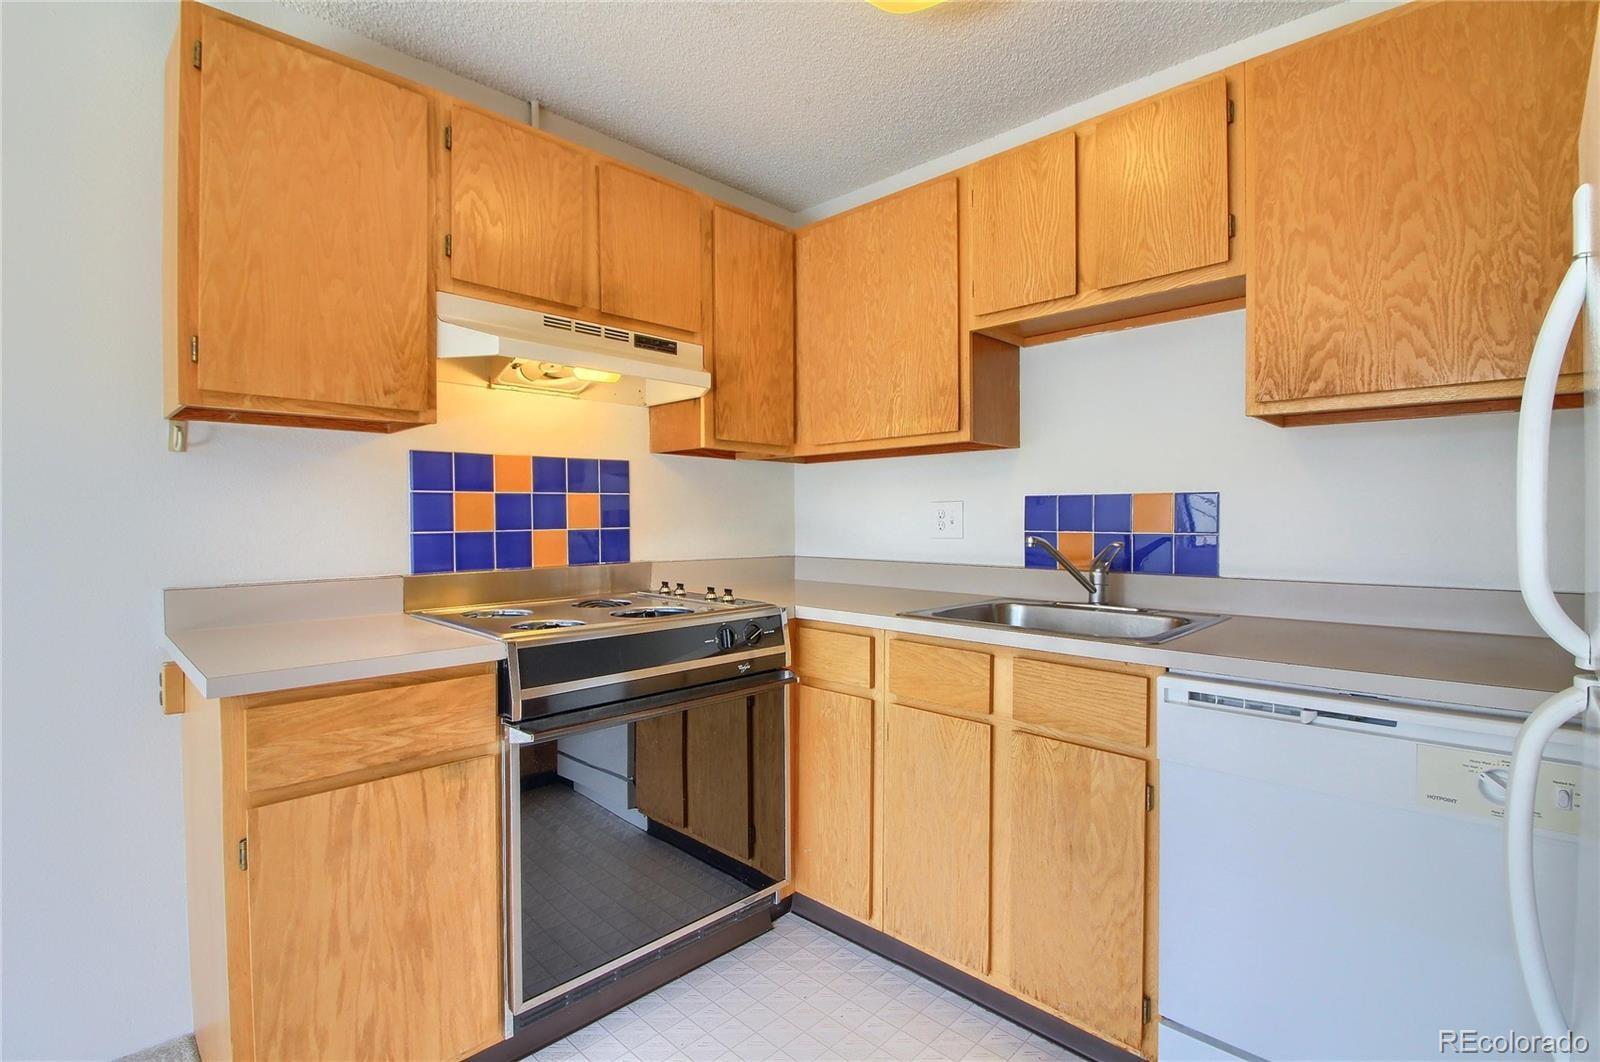 MLS# 8942886 - 12 - 3315 Chisholm Trail #302, Boulder, CO 80301